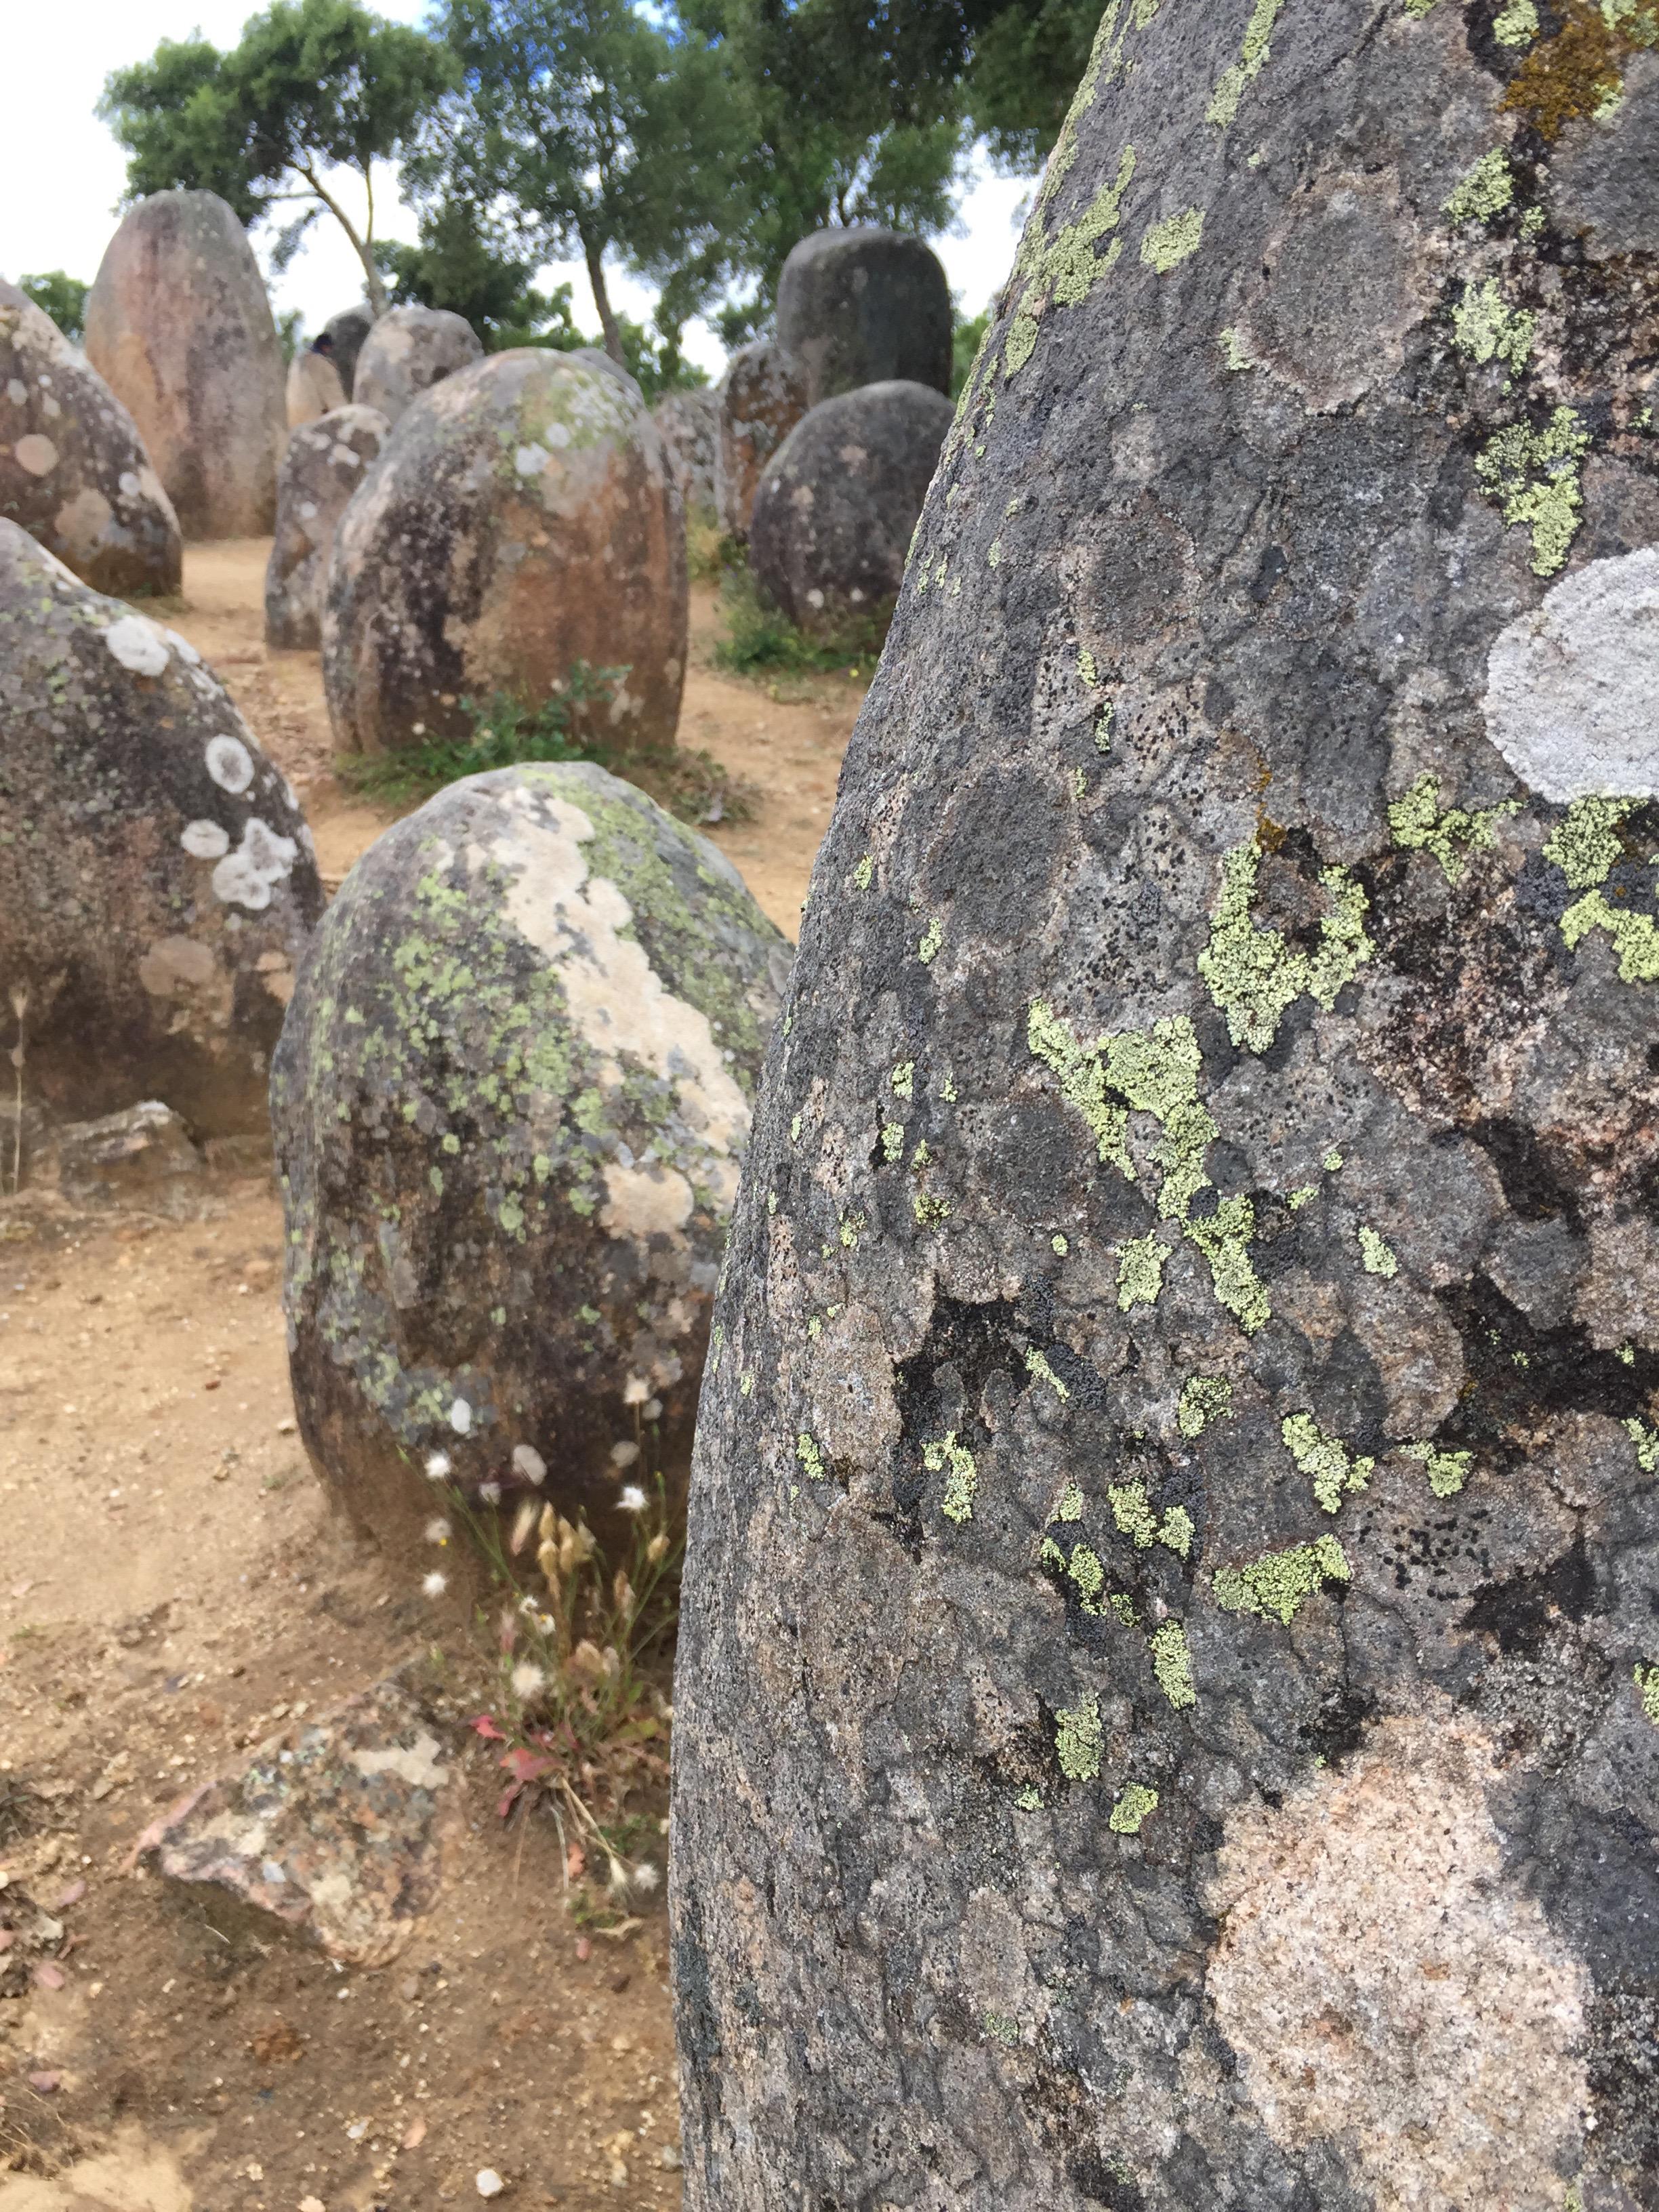 Constituído por uma centena de meníres, esse monumento pré-histórico estádistribuido pelo terreno em forma de elipse, ao longo de um eixo orientado a Leste-Oeste.